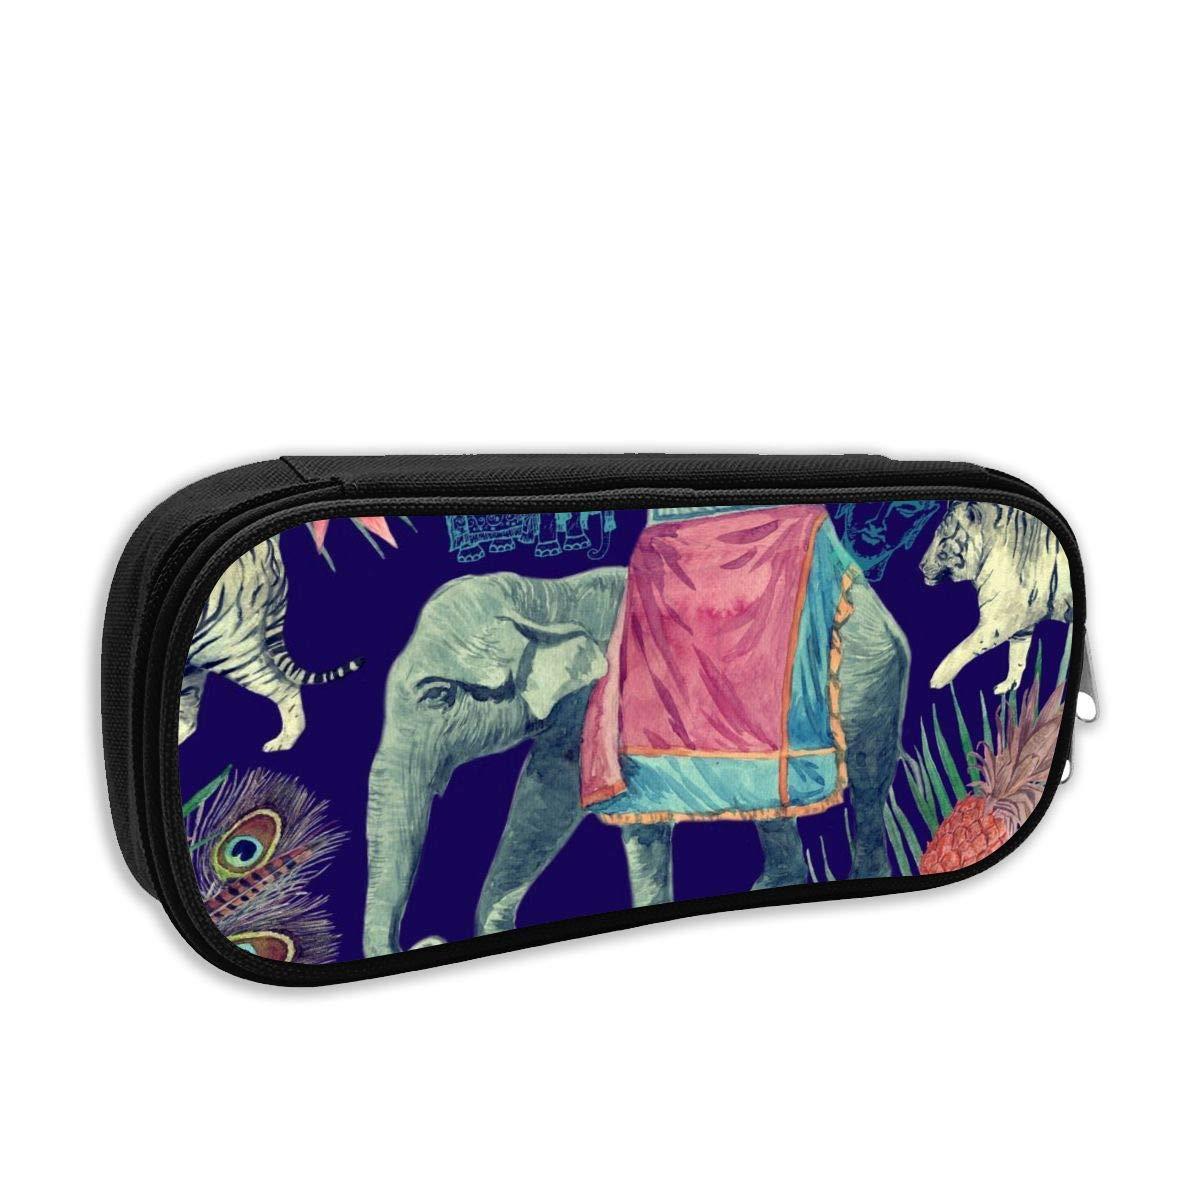 BFGTH Elefante indio Tigres Hojas Estuche para lápices Estuche duradero Bolso para oficina escolar Mujeres Hombres Estudiantes Adolescentes Niños: Amazon.es: Oficina y papelería